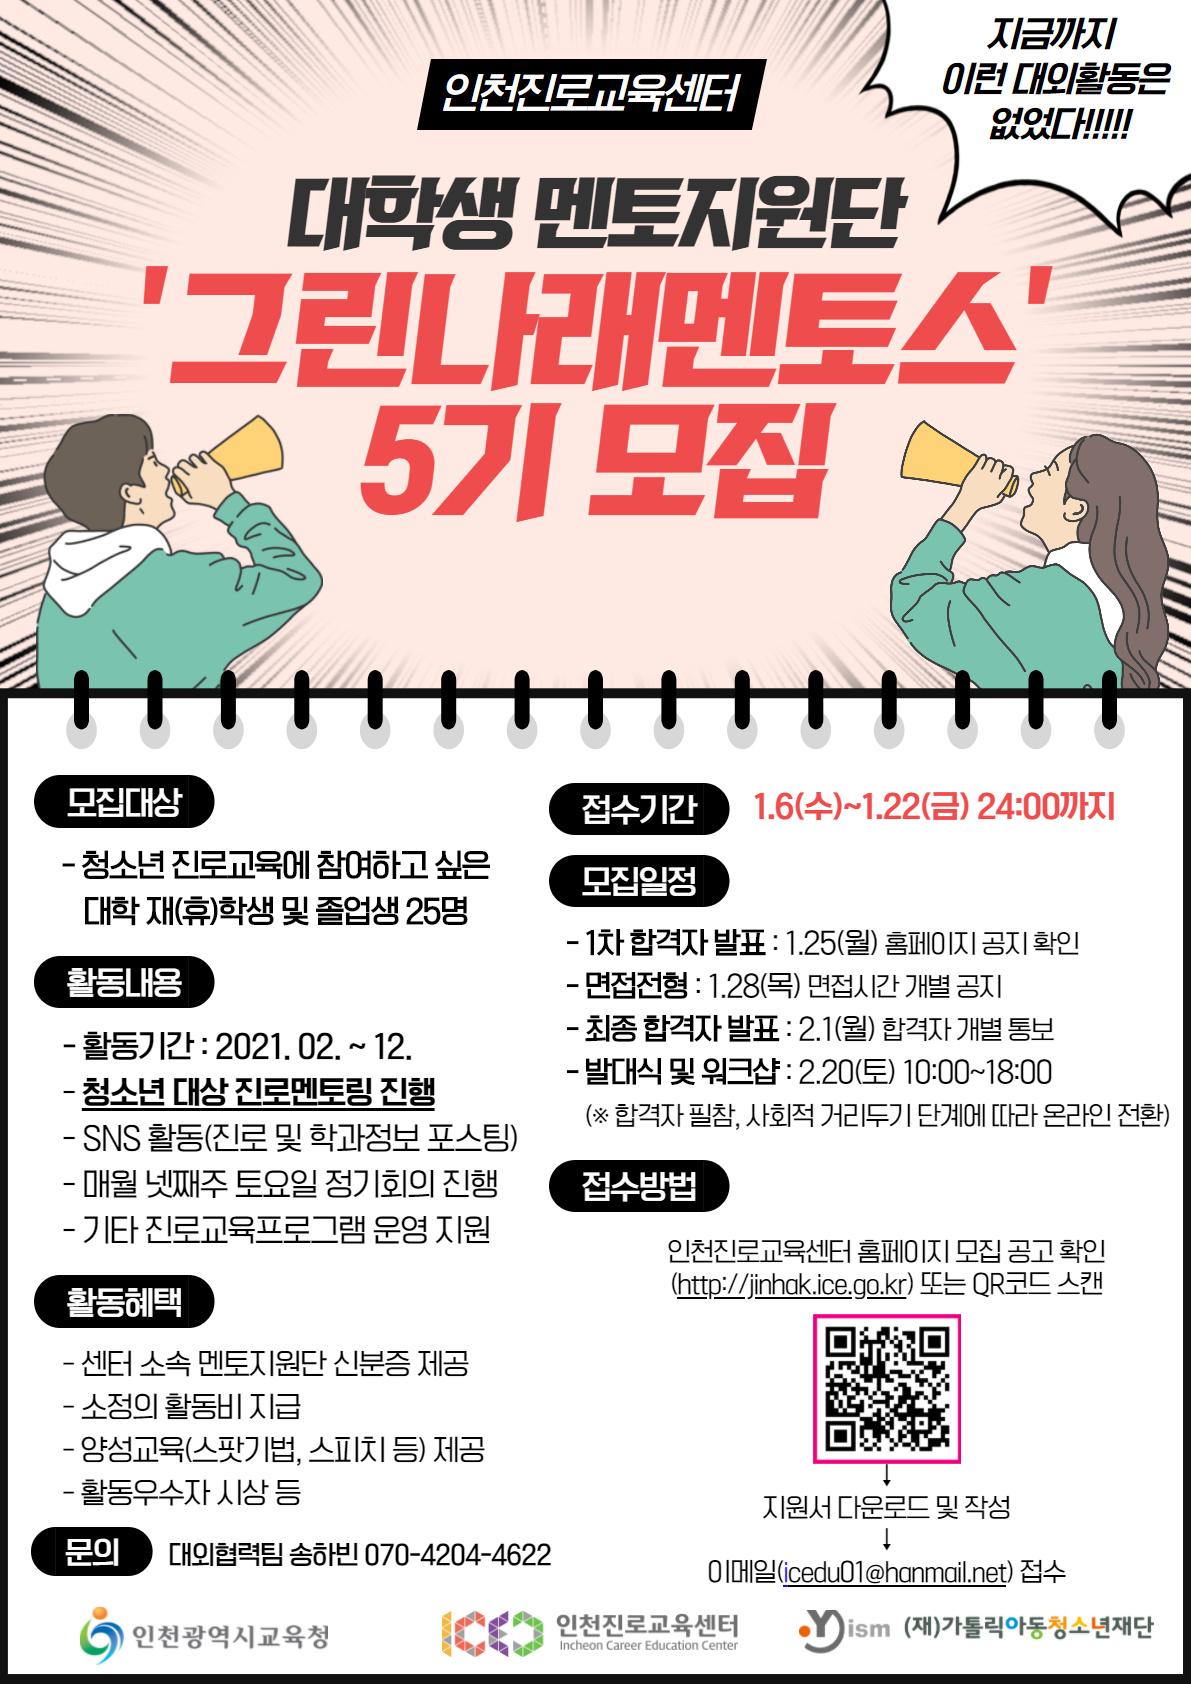 [인천진로교육센터] 2021년 대학생멘토지원단 `그린나래멘토스` 5기 모집